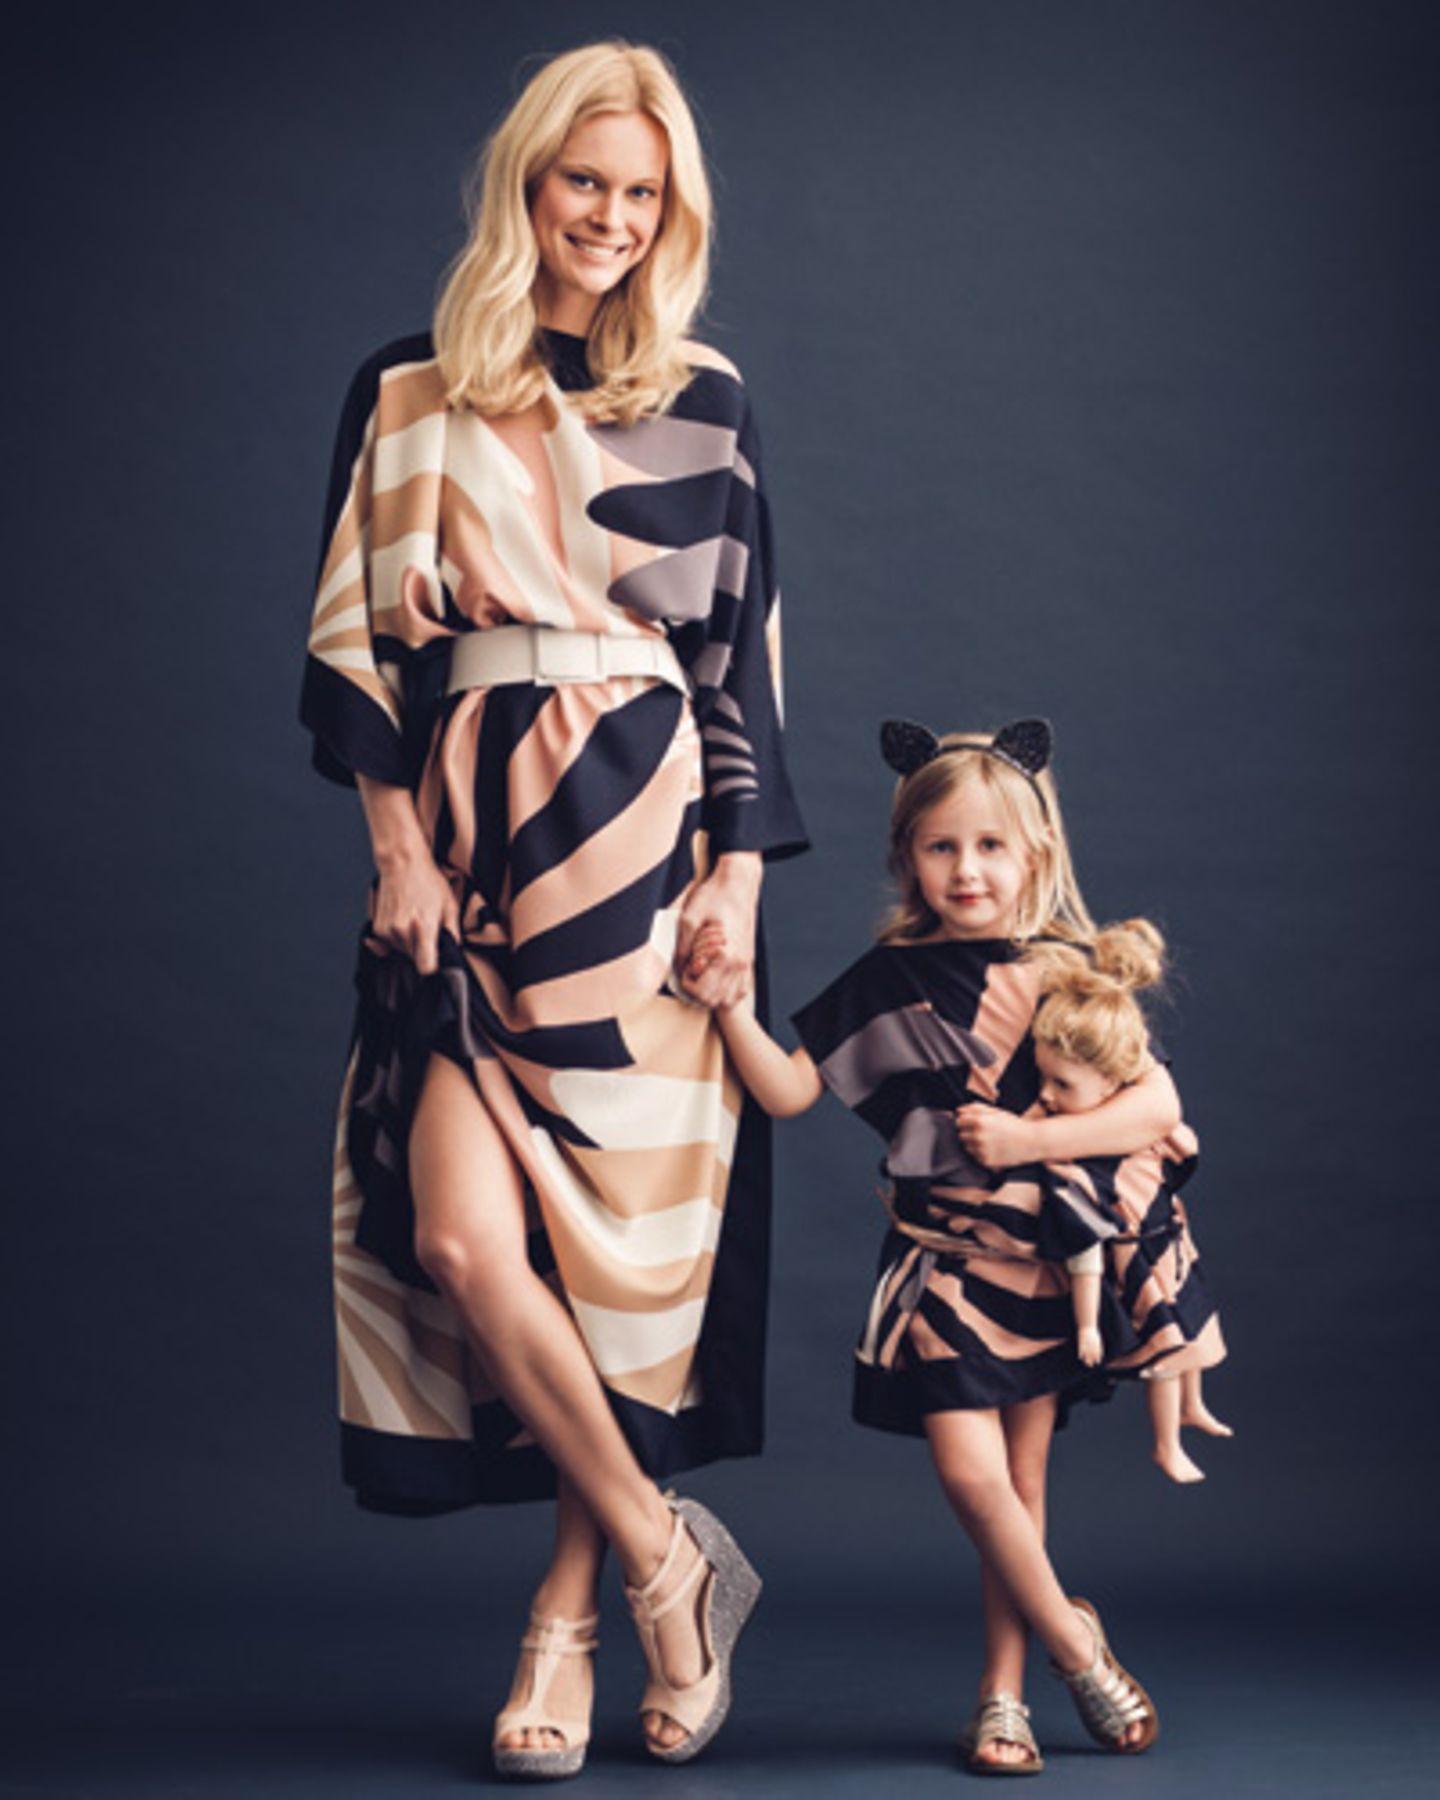 """""""Schickimicki"""", sagt das Kind. """"Glamourös"""", seufzt Mom. Nur Püppi schweigt und genießt. Für alle drei gilt: Dieses Kleid wird ab jetzt nicht mehr ausgezogen. Ob Sommerfest, Opas Geburtstag oder einfach so. Passt immer."""